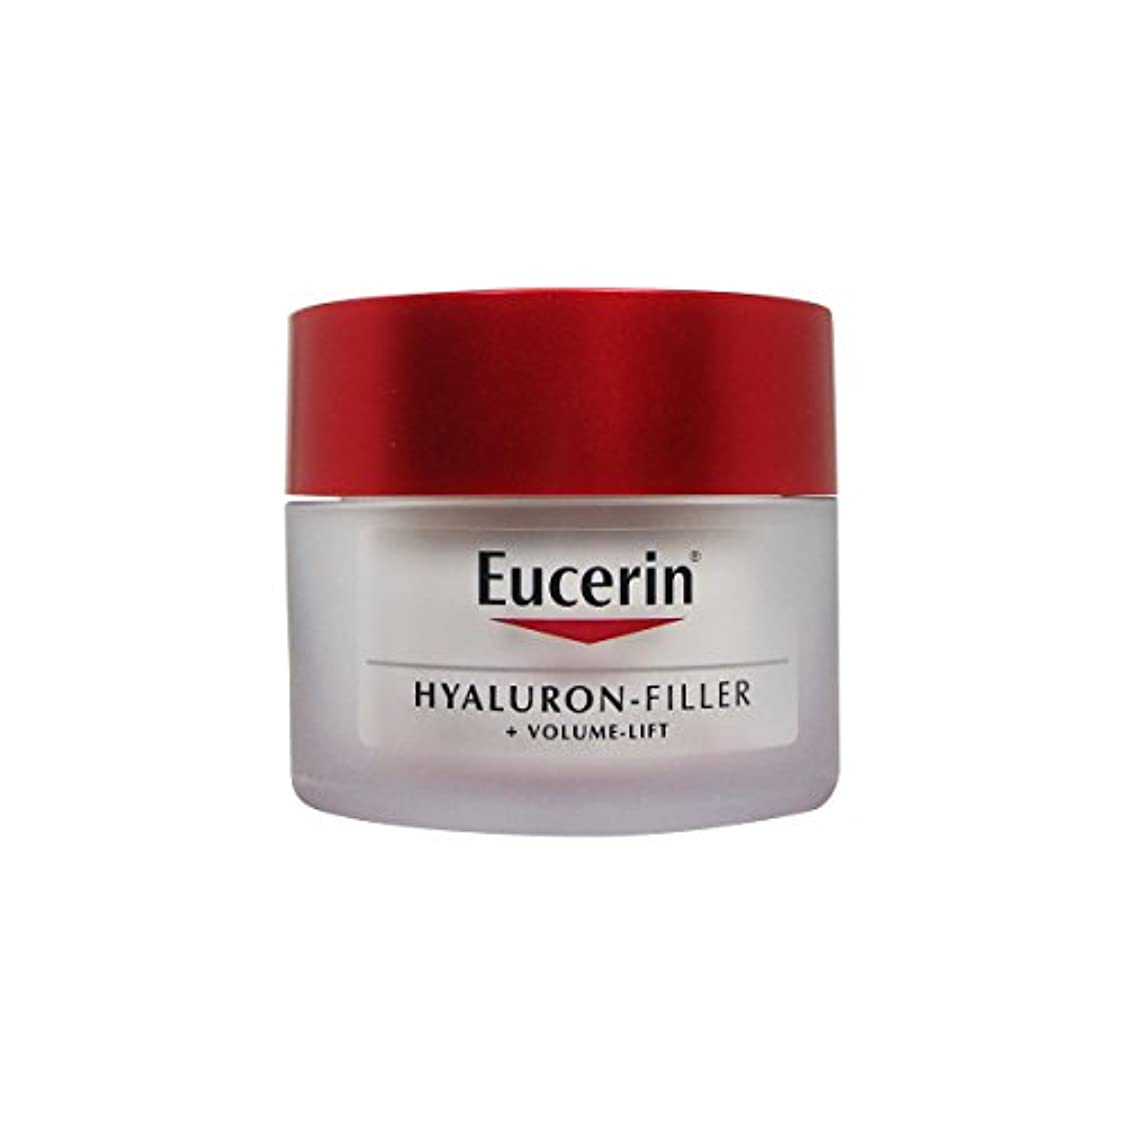 パワーセルリズムペンフレンドEucerin Hyaluron Filler + Volume Lift Day Cream Normal to Combination Skin 50ml